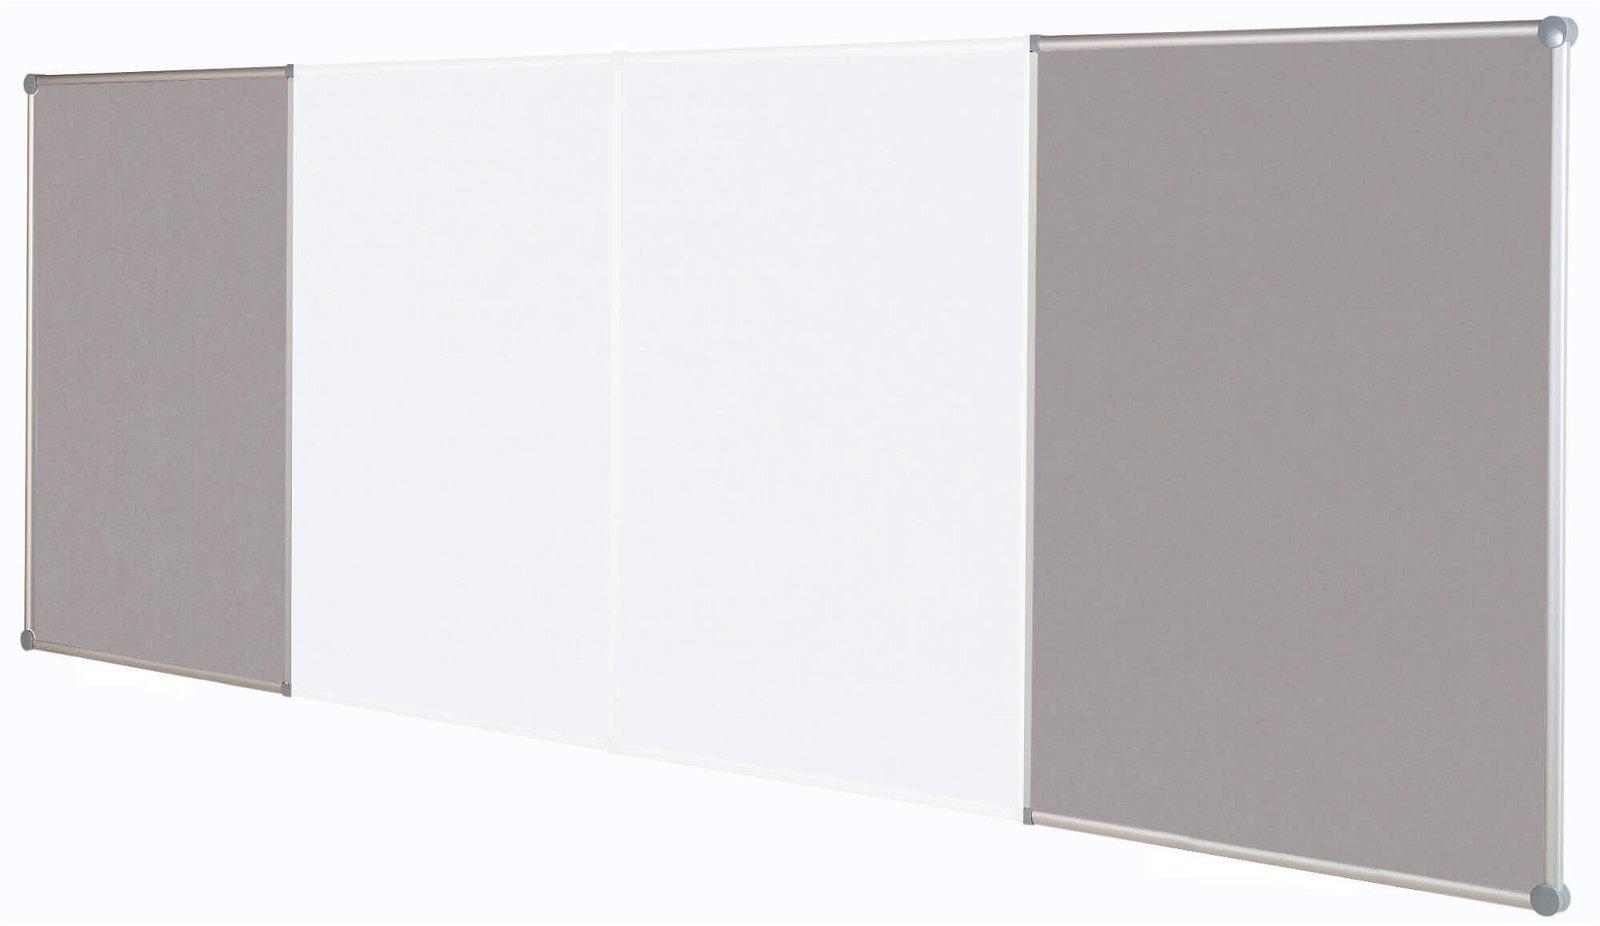 Endlos-Pinnboards, Textil